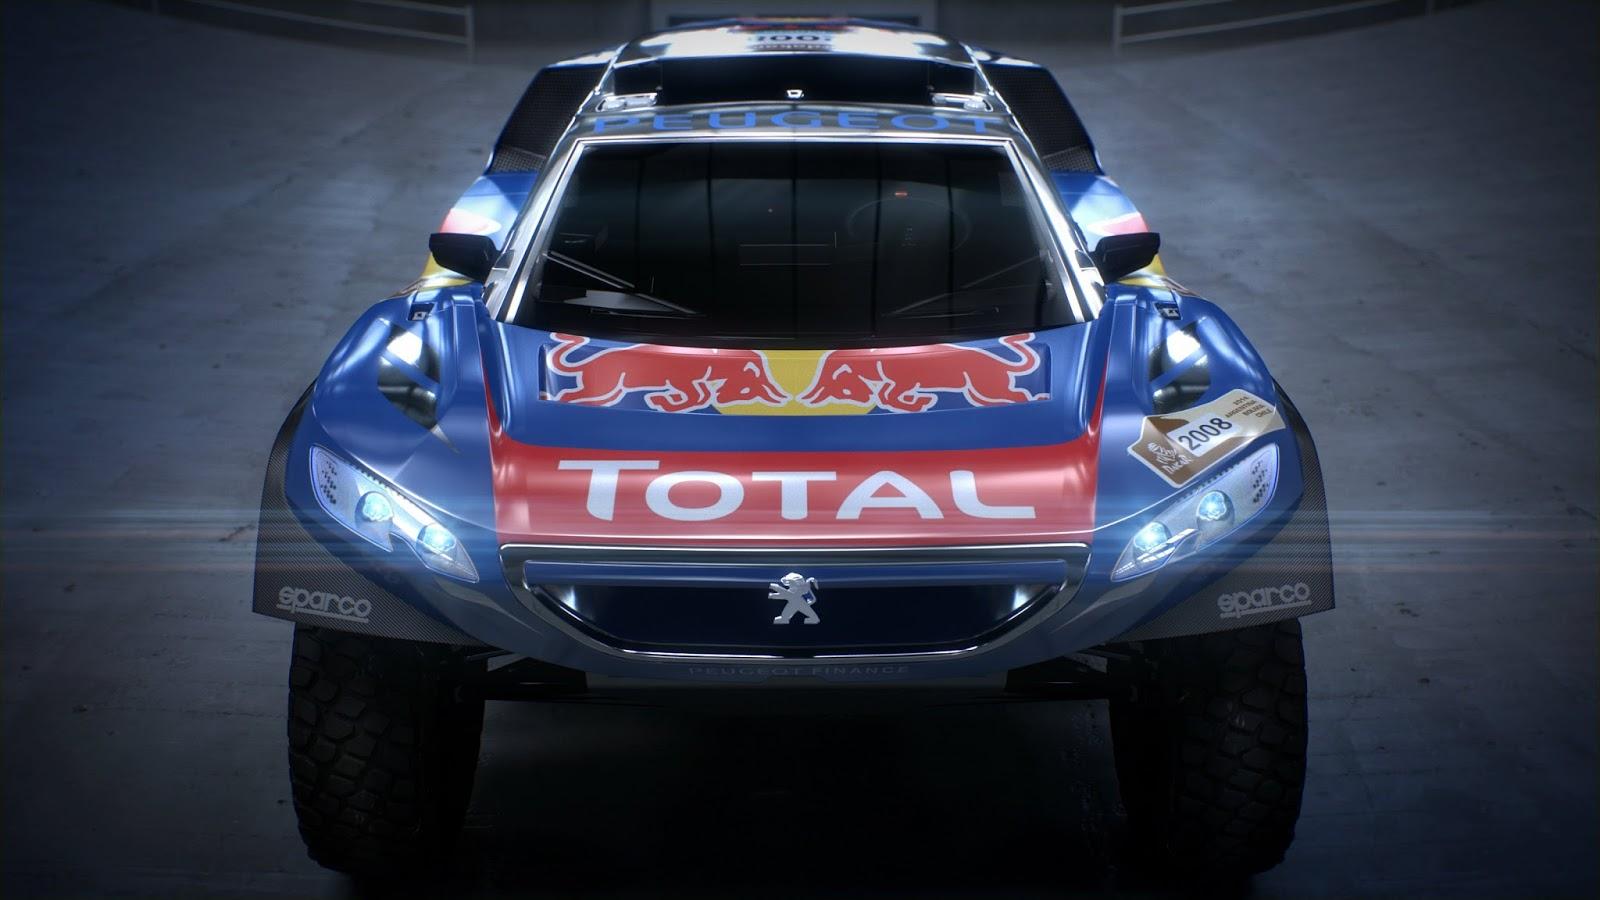 P 20151202 00382 News Το PEUGEOT 2008DKR στα χρώματα του πολέμου! Peugeot, Peugeot 2008 DKR, Peugeot 2008 DKR16, Rally Dakar